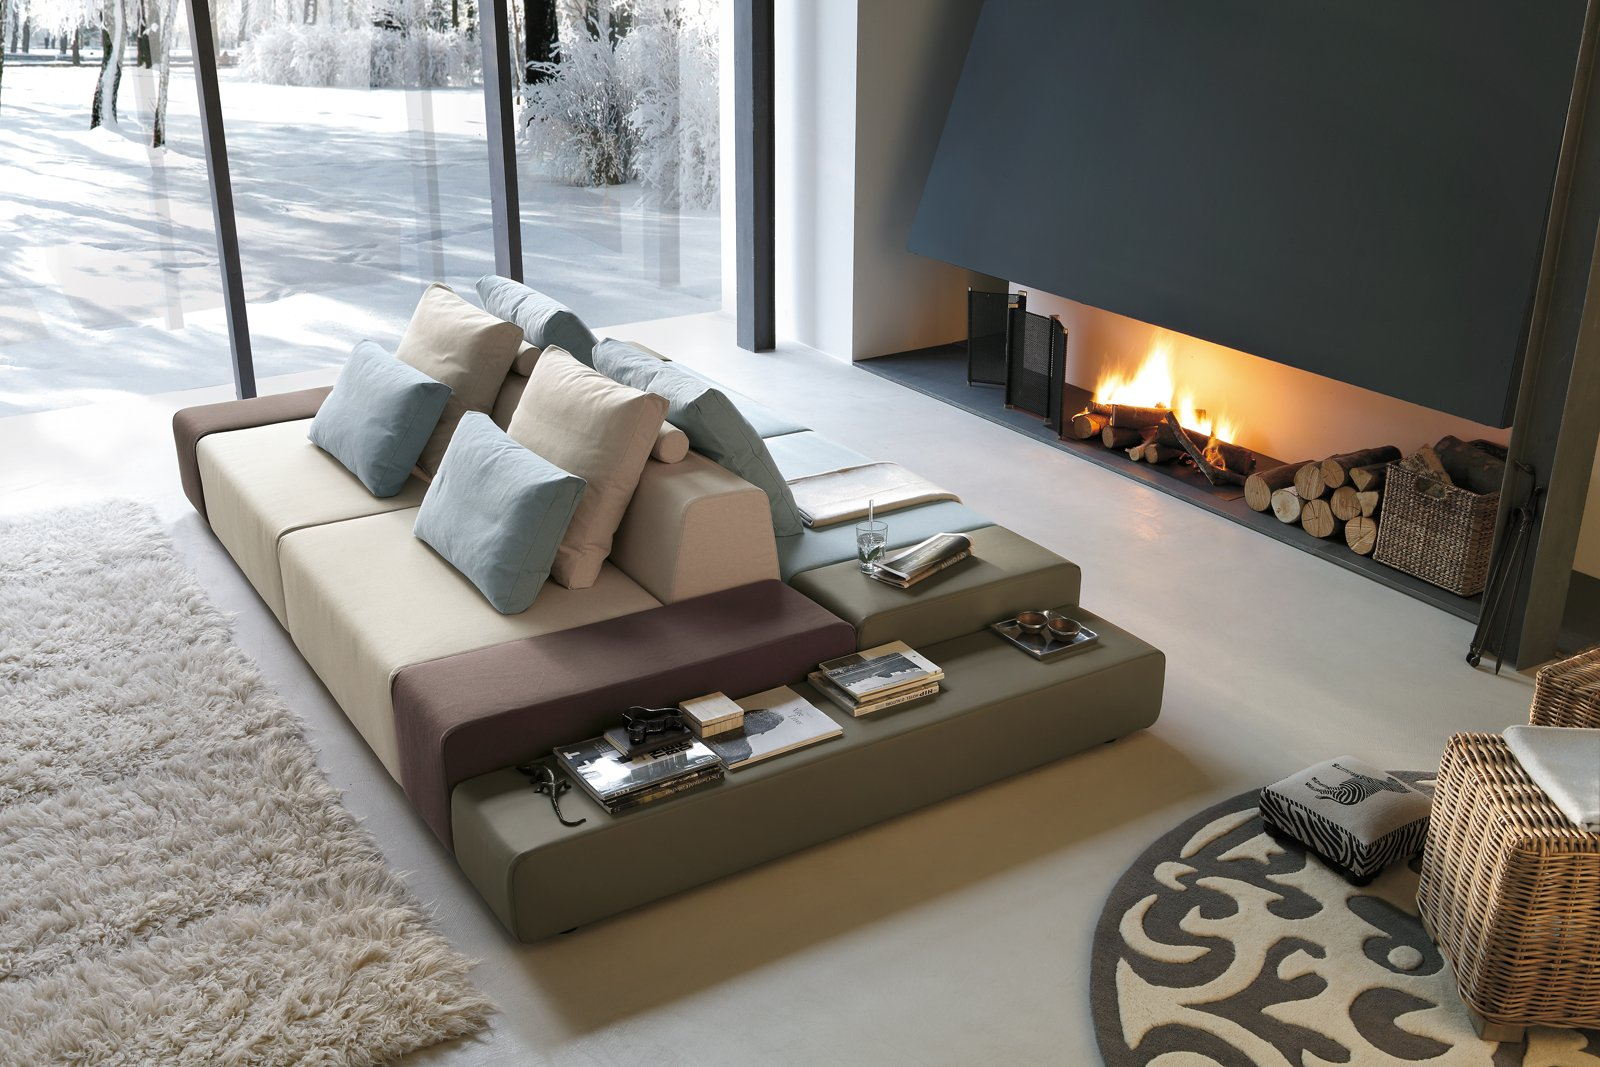 Divani con piani d 39 appoggio integrati cose di casa for Divano 99 euro